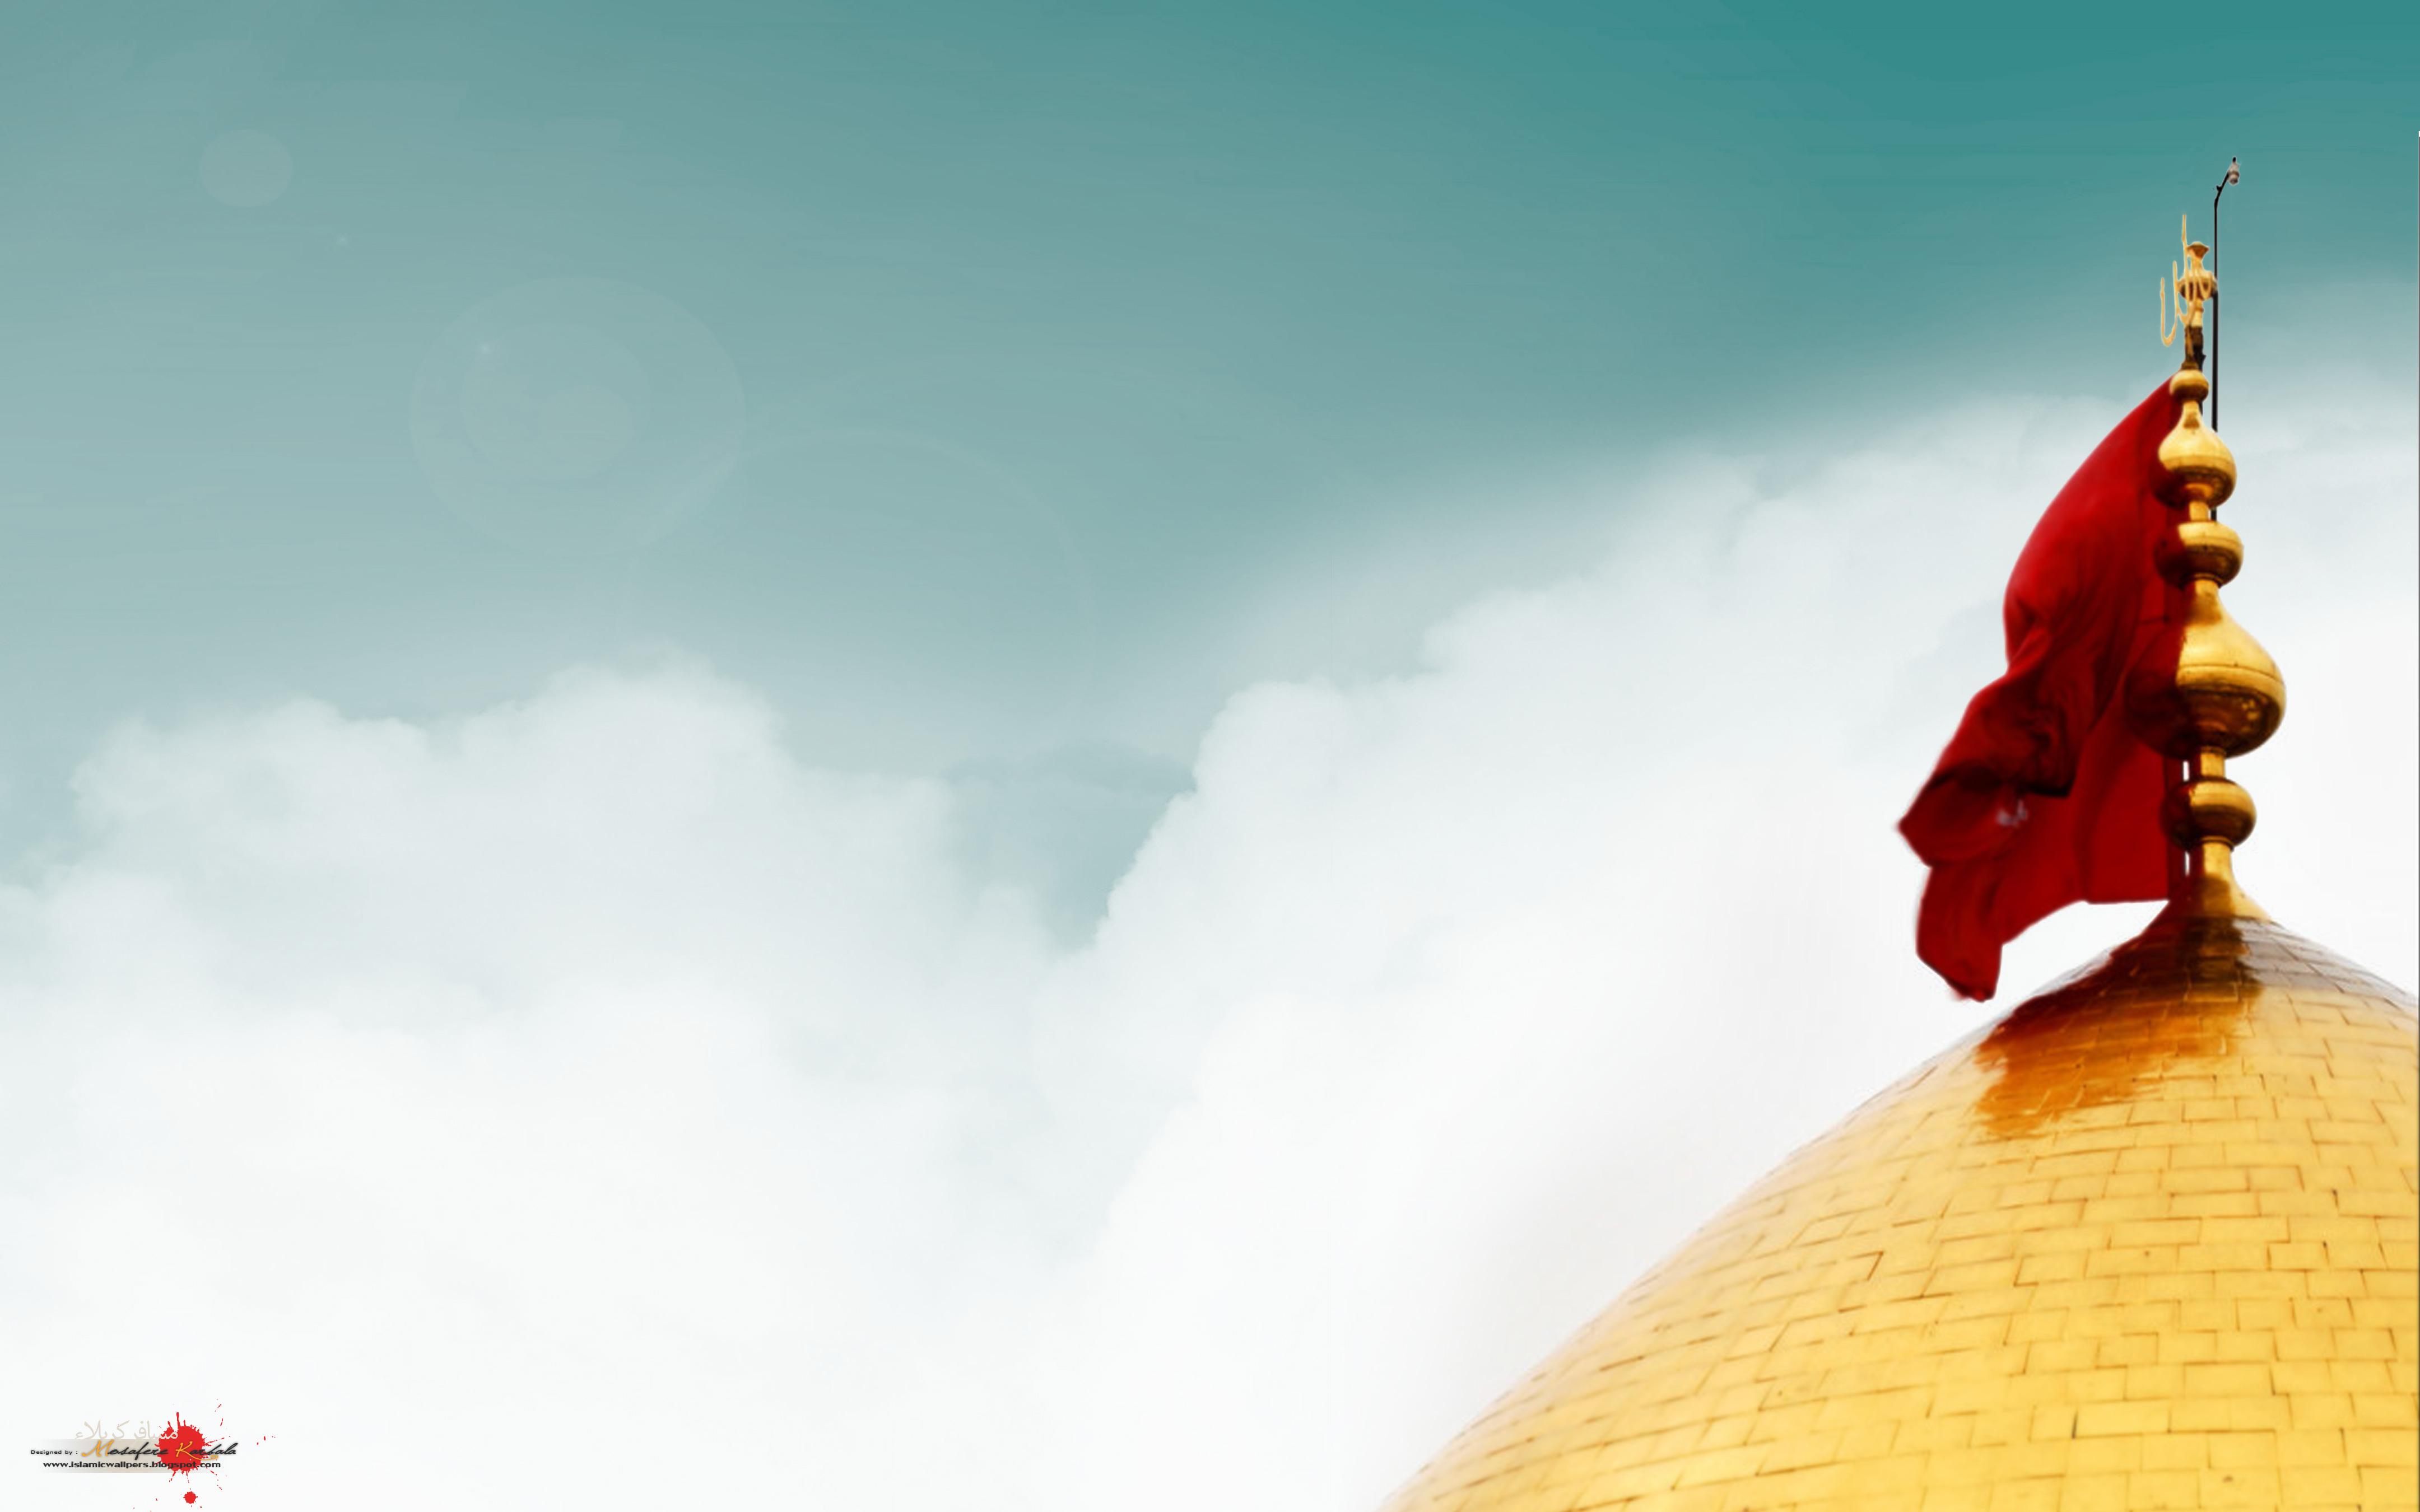 imam-huseyinden-hikmet-dolu-sozler